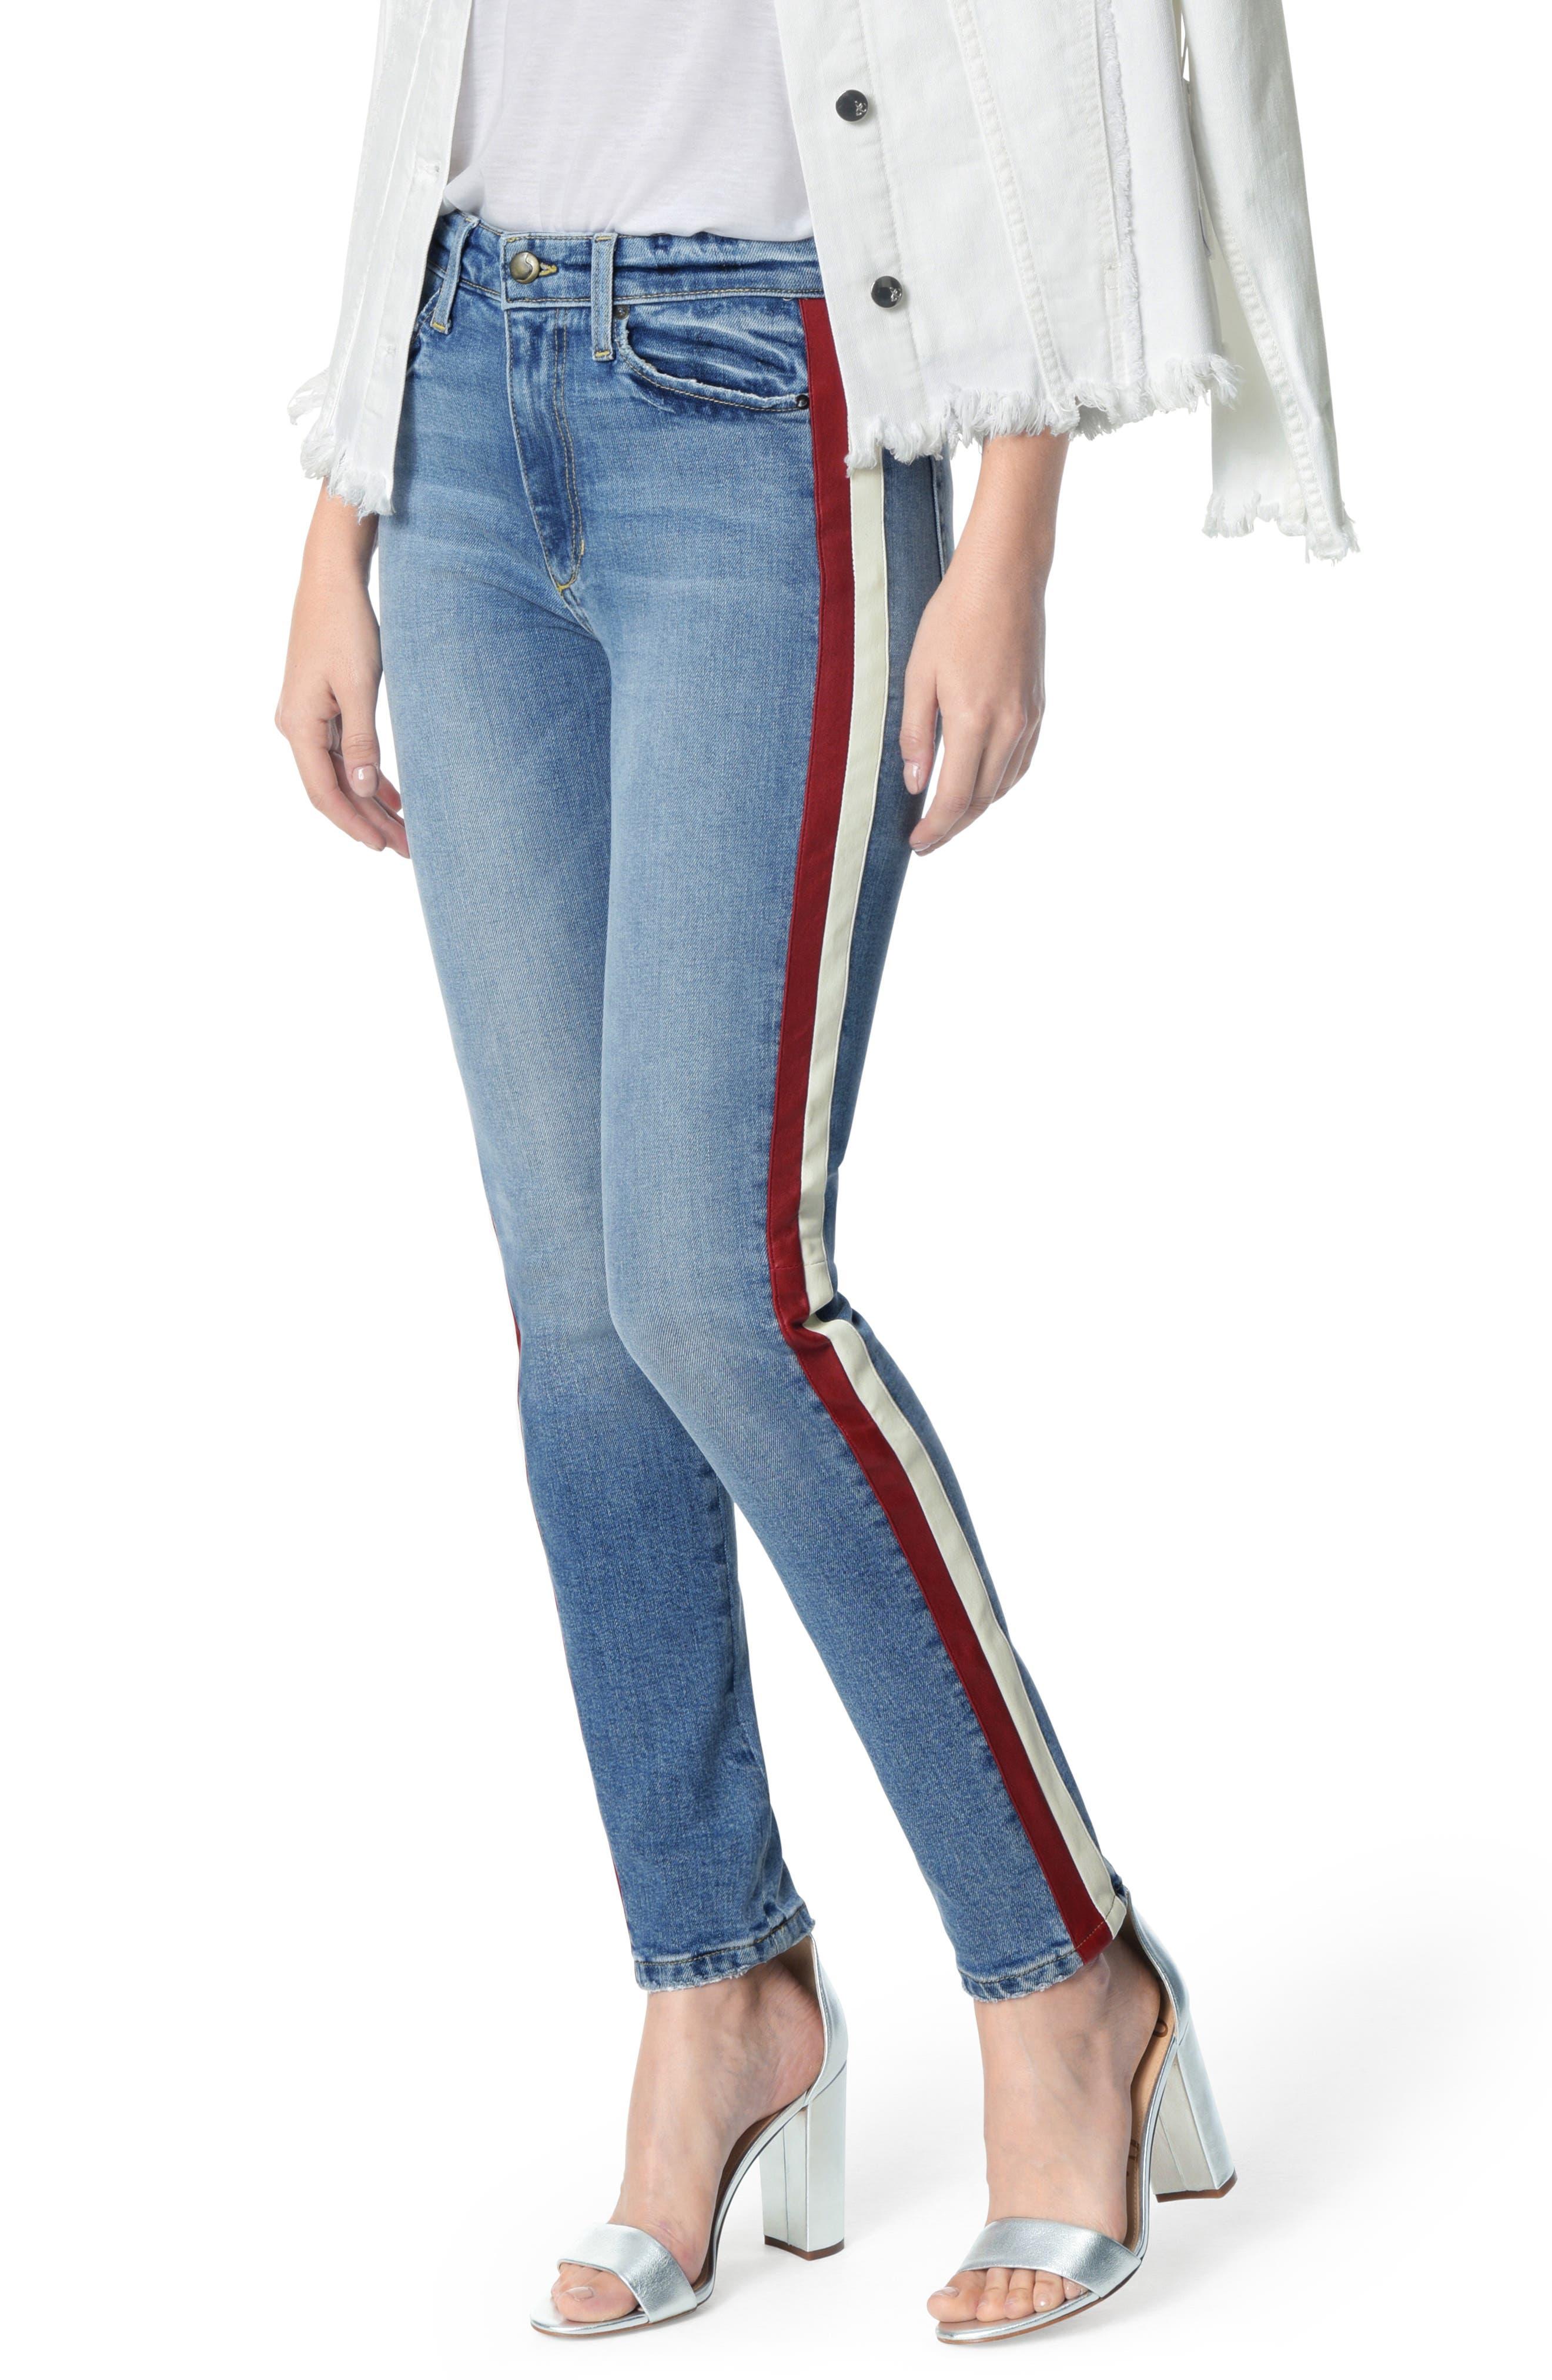 NWOT Women/'s Simply Vera Vera Wang Leatherette Leggings Size XL Shitake #671D